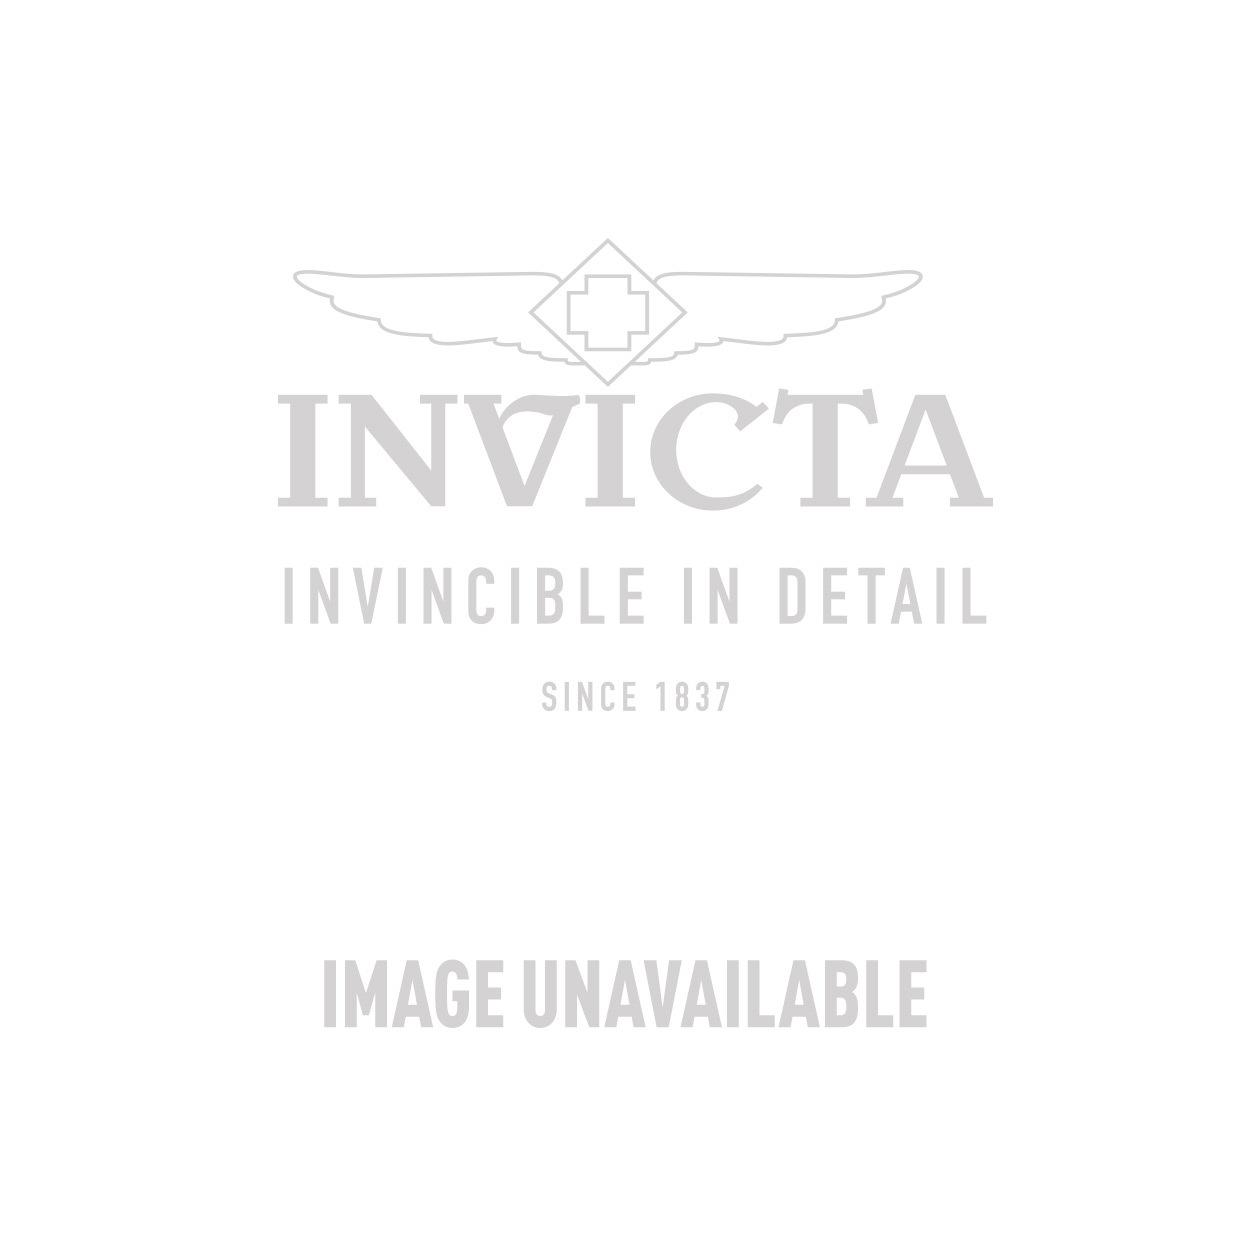 Invicta Model 25260